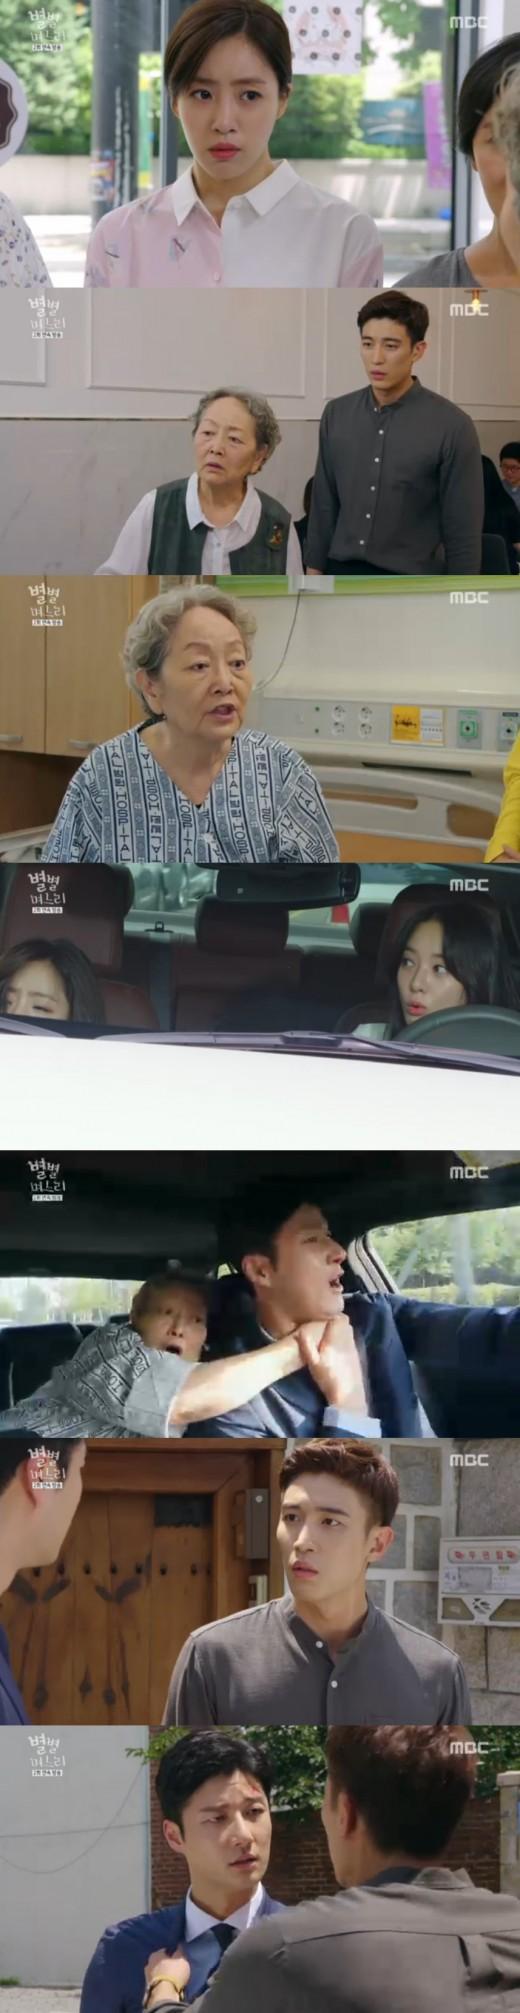 '별별며느리' 김영옥, 충격에 치매까지…강경준·함은정 이별 종용_이미지